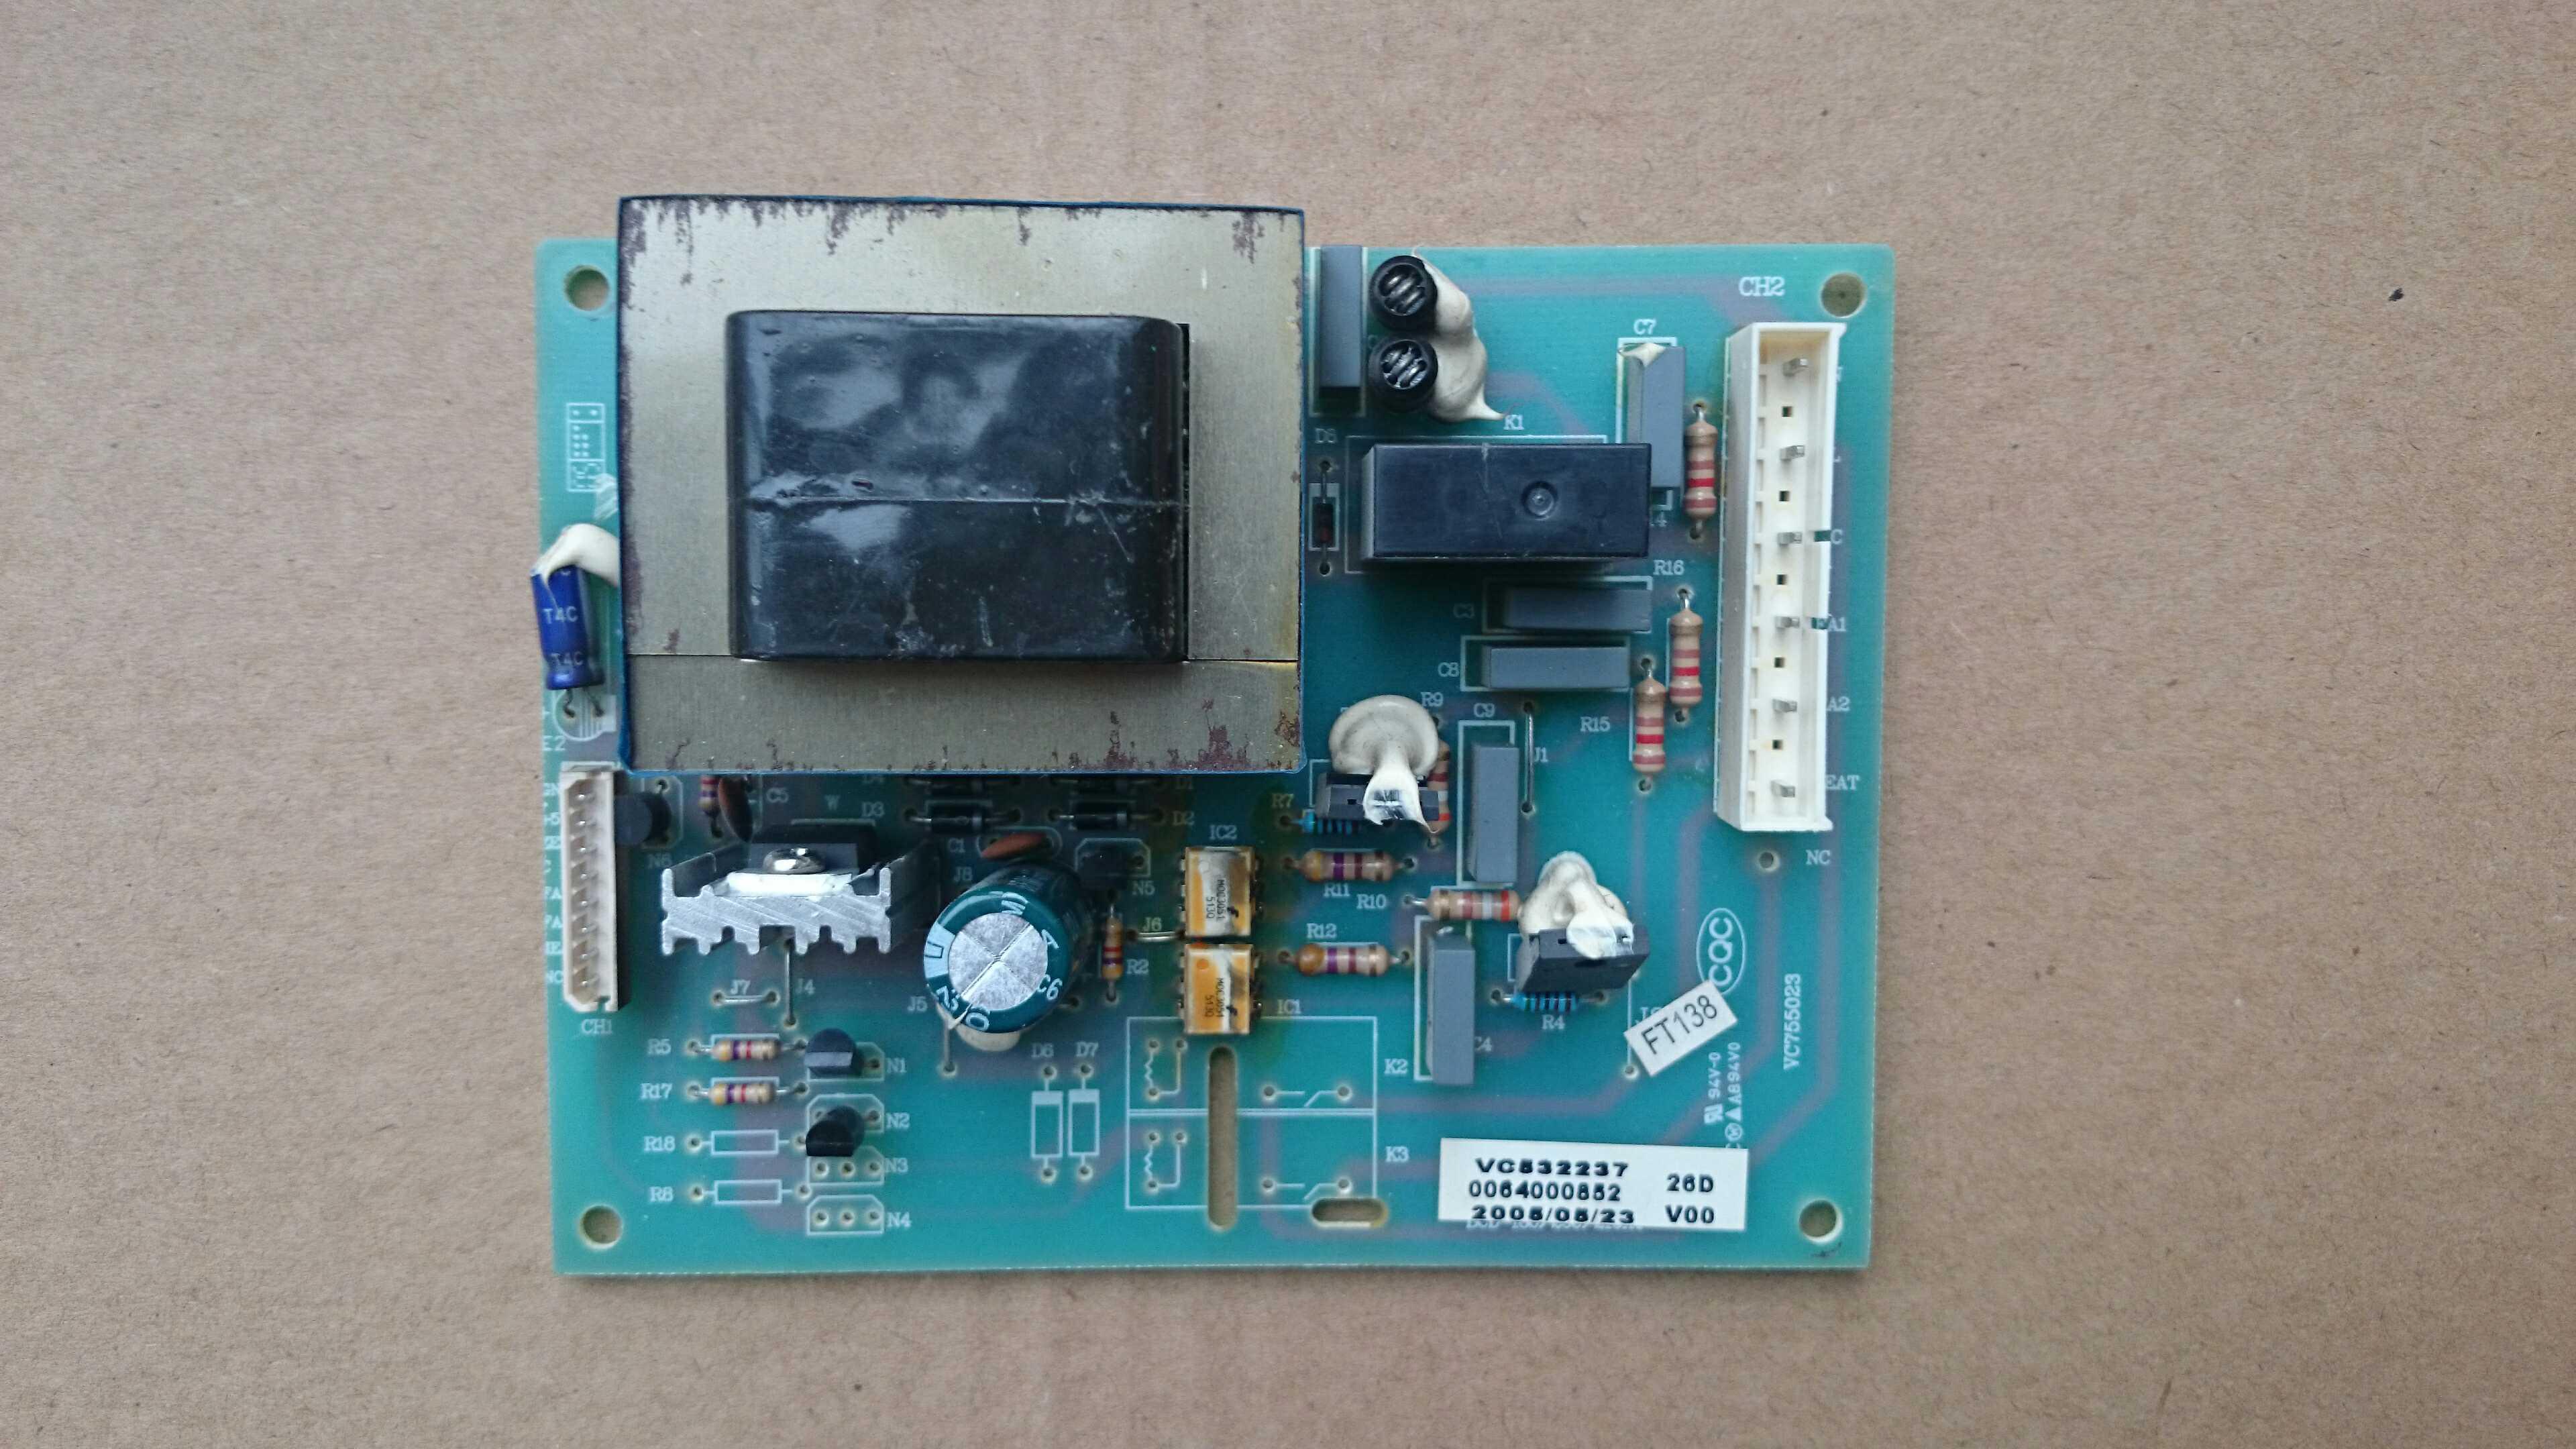 Frigorifero Haier scheda di potenza scheda di controllo principale 0064000852 per Haier frigorifero BCD-186SY-206SYFrigorifero Haier scheda di potenza scheda di controllo principale 0064000852 per Haier frigorifero BCD-186SY-206SY